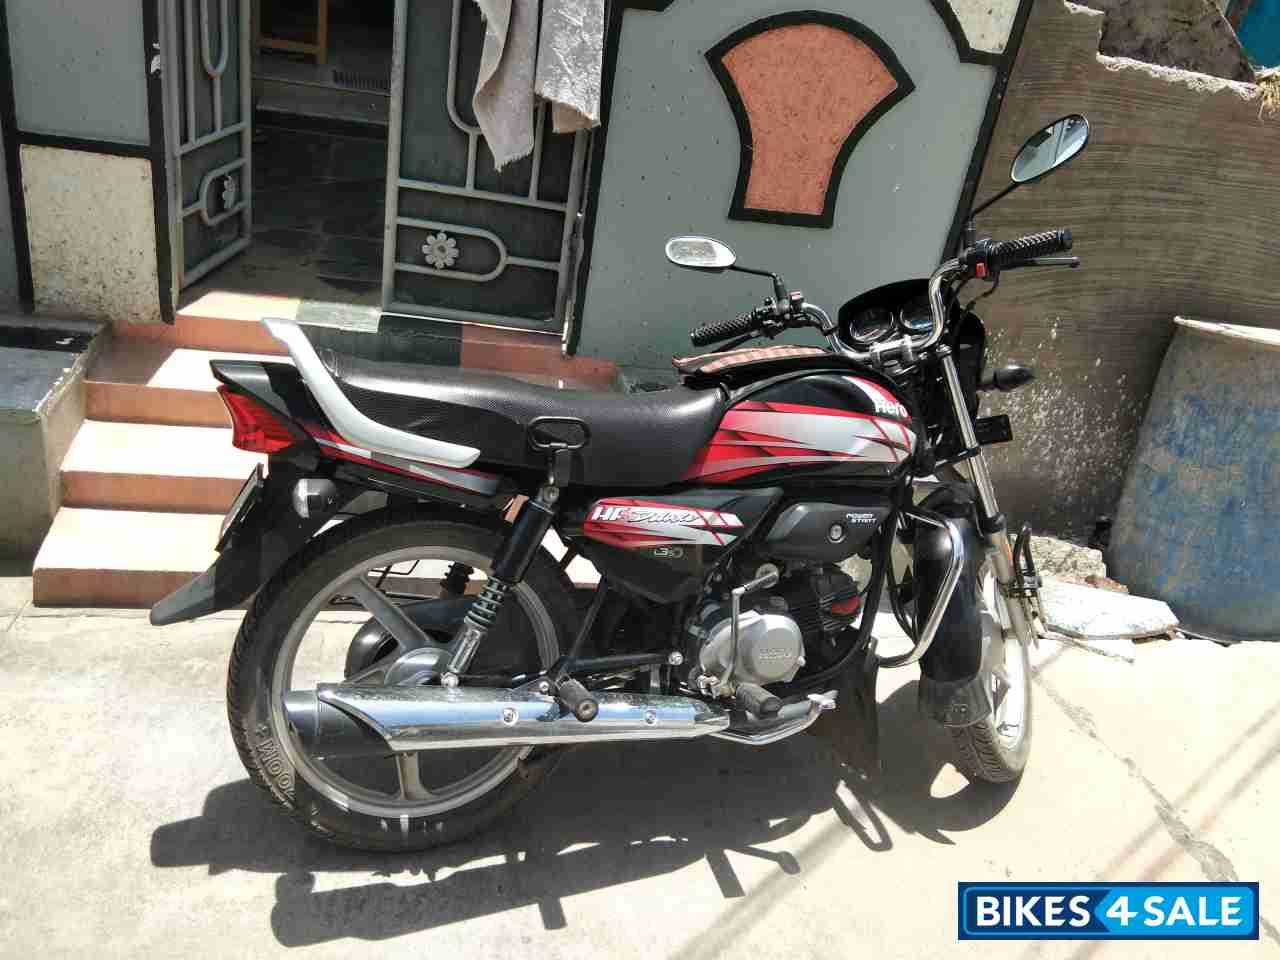 Used 2018 Model Hero Hf Deluxe I3s For Sale In Prakasam Id 274324 Bikes4sale